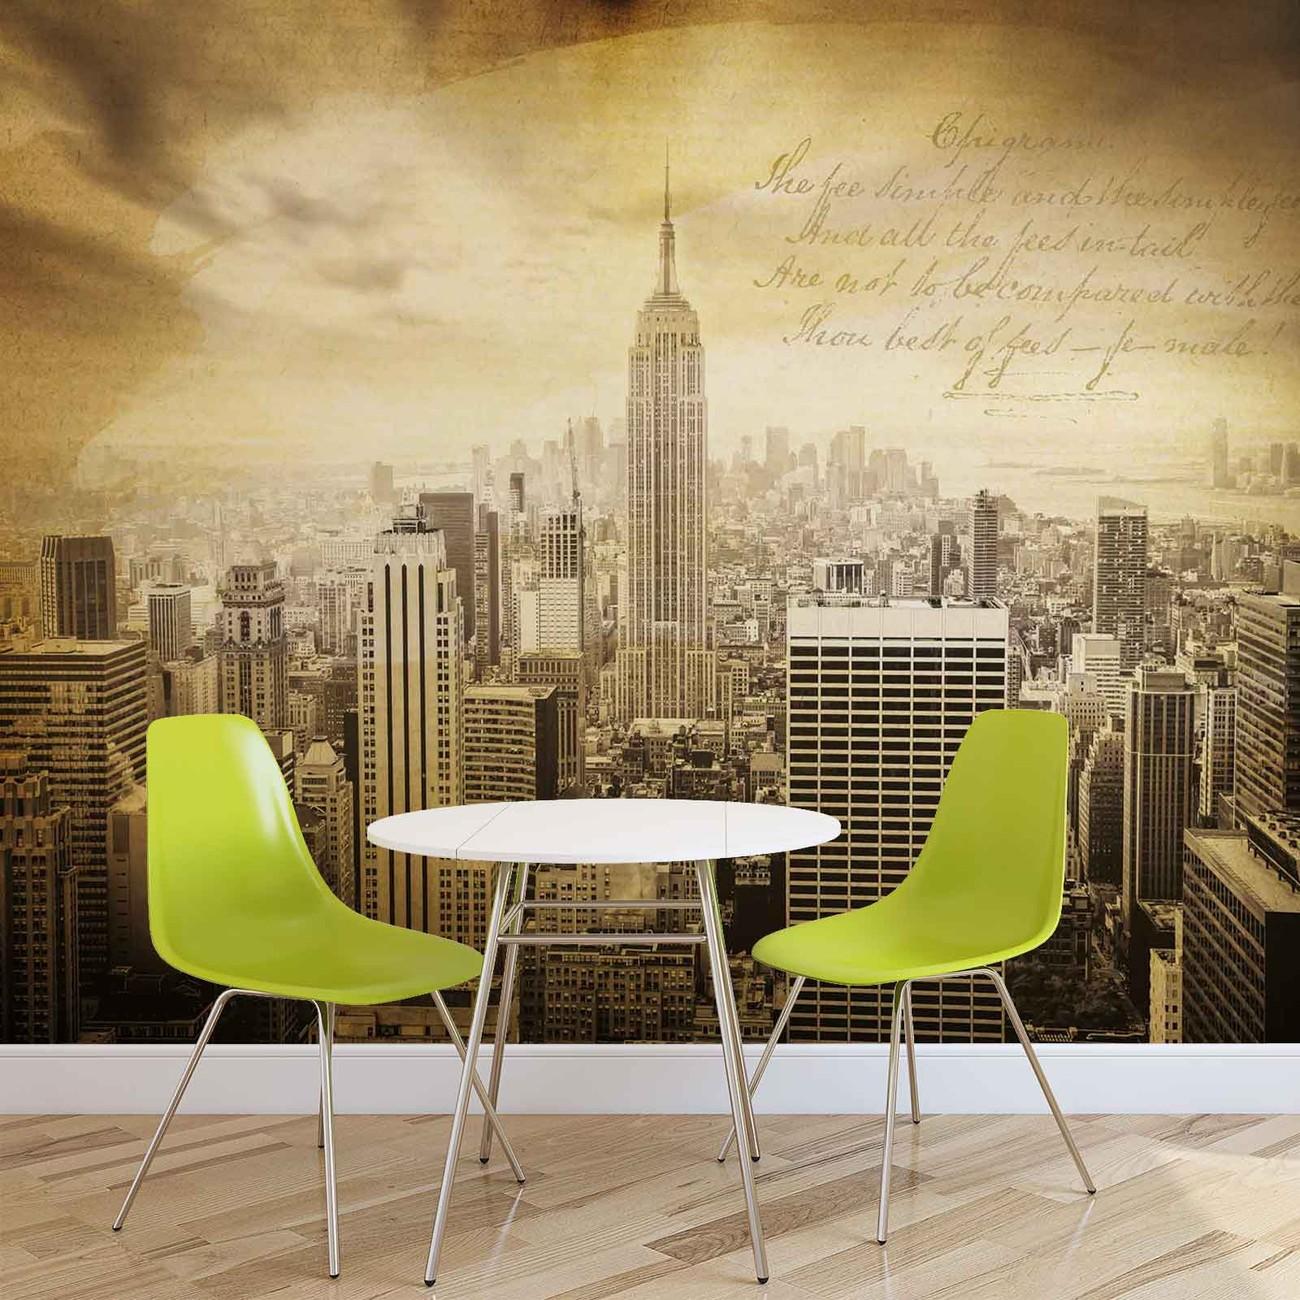 Fotomurale ciudad de nueva york vintage sepia papel - Papel pintado nueva york ...